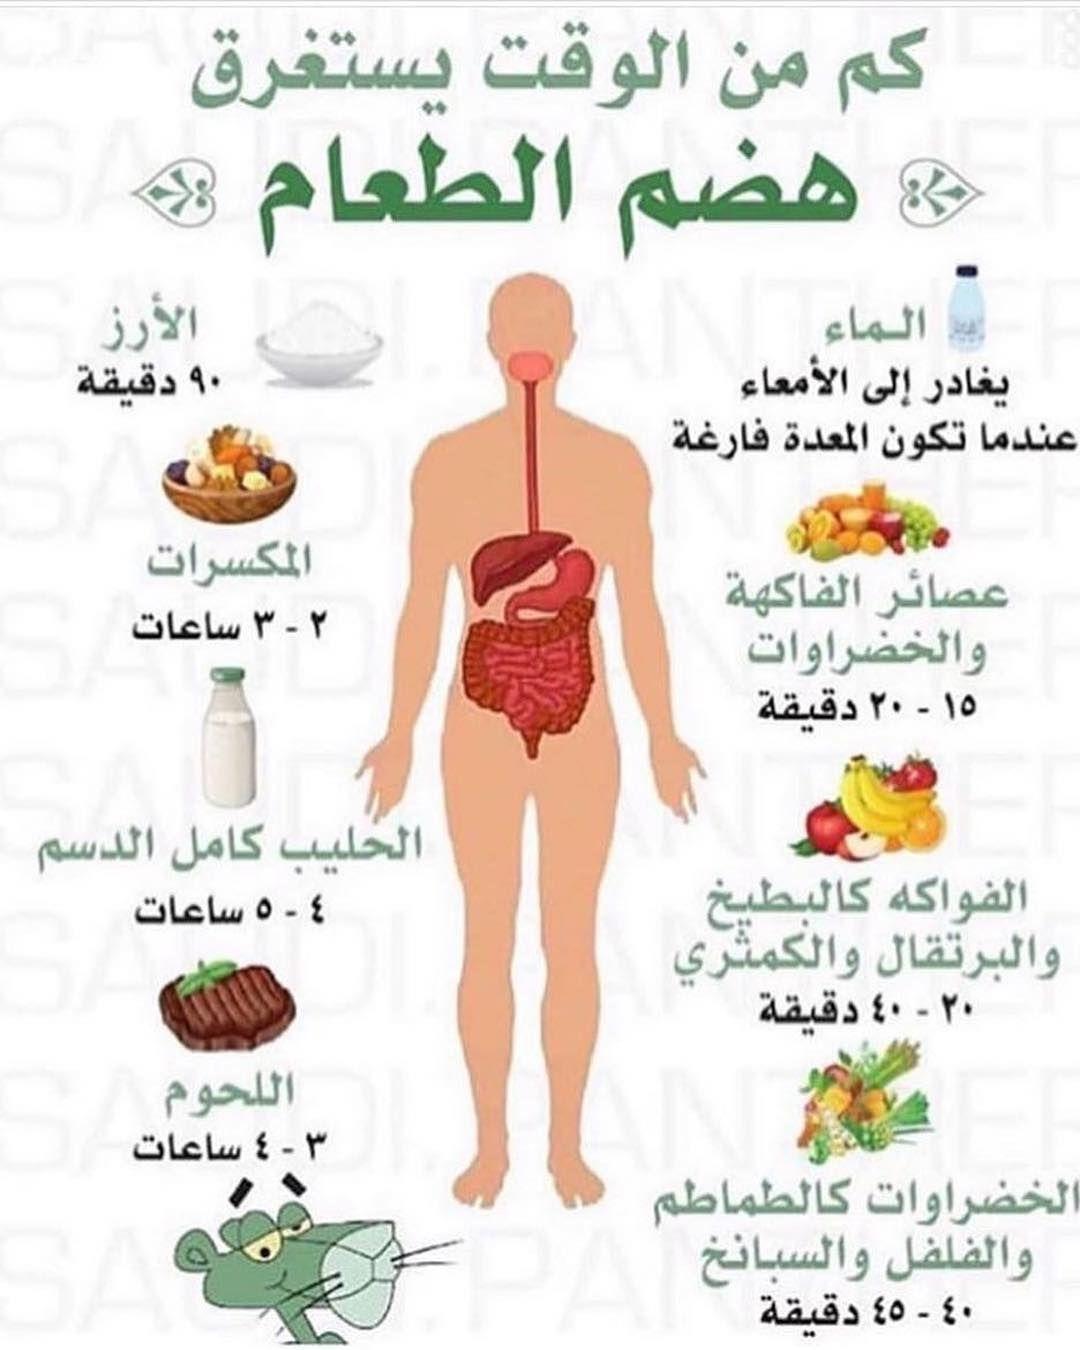 كم من الوقت يستغرق هضم الطعام Health Facts Fitness Health Fitness Nutrition Health Facts